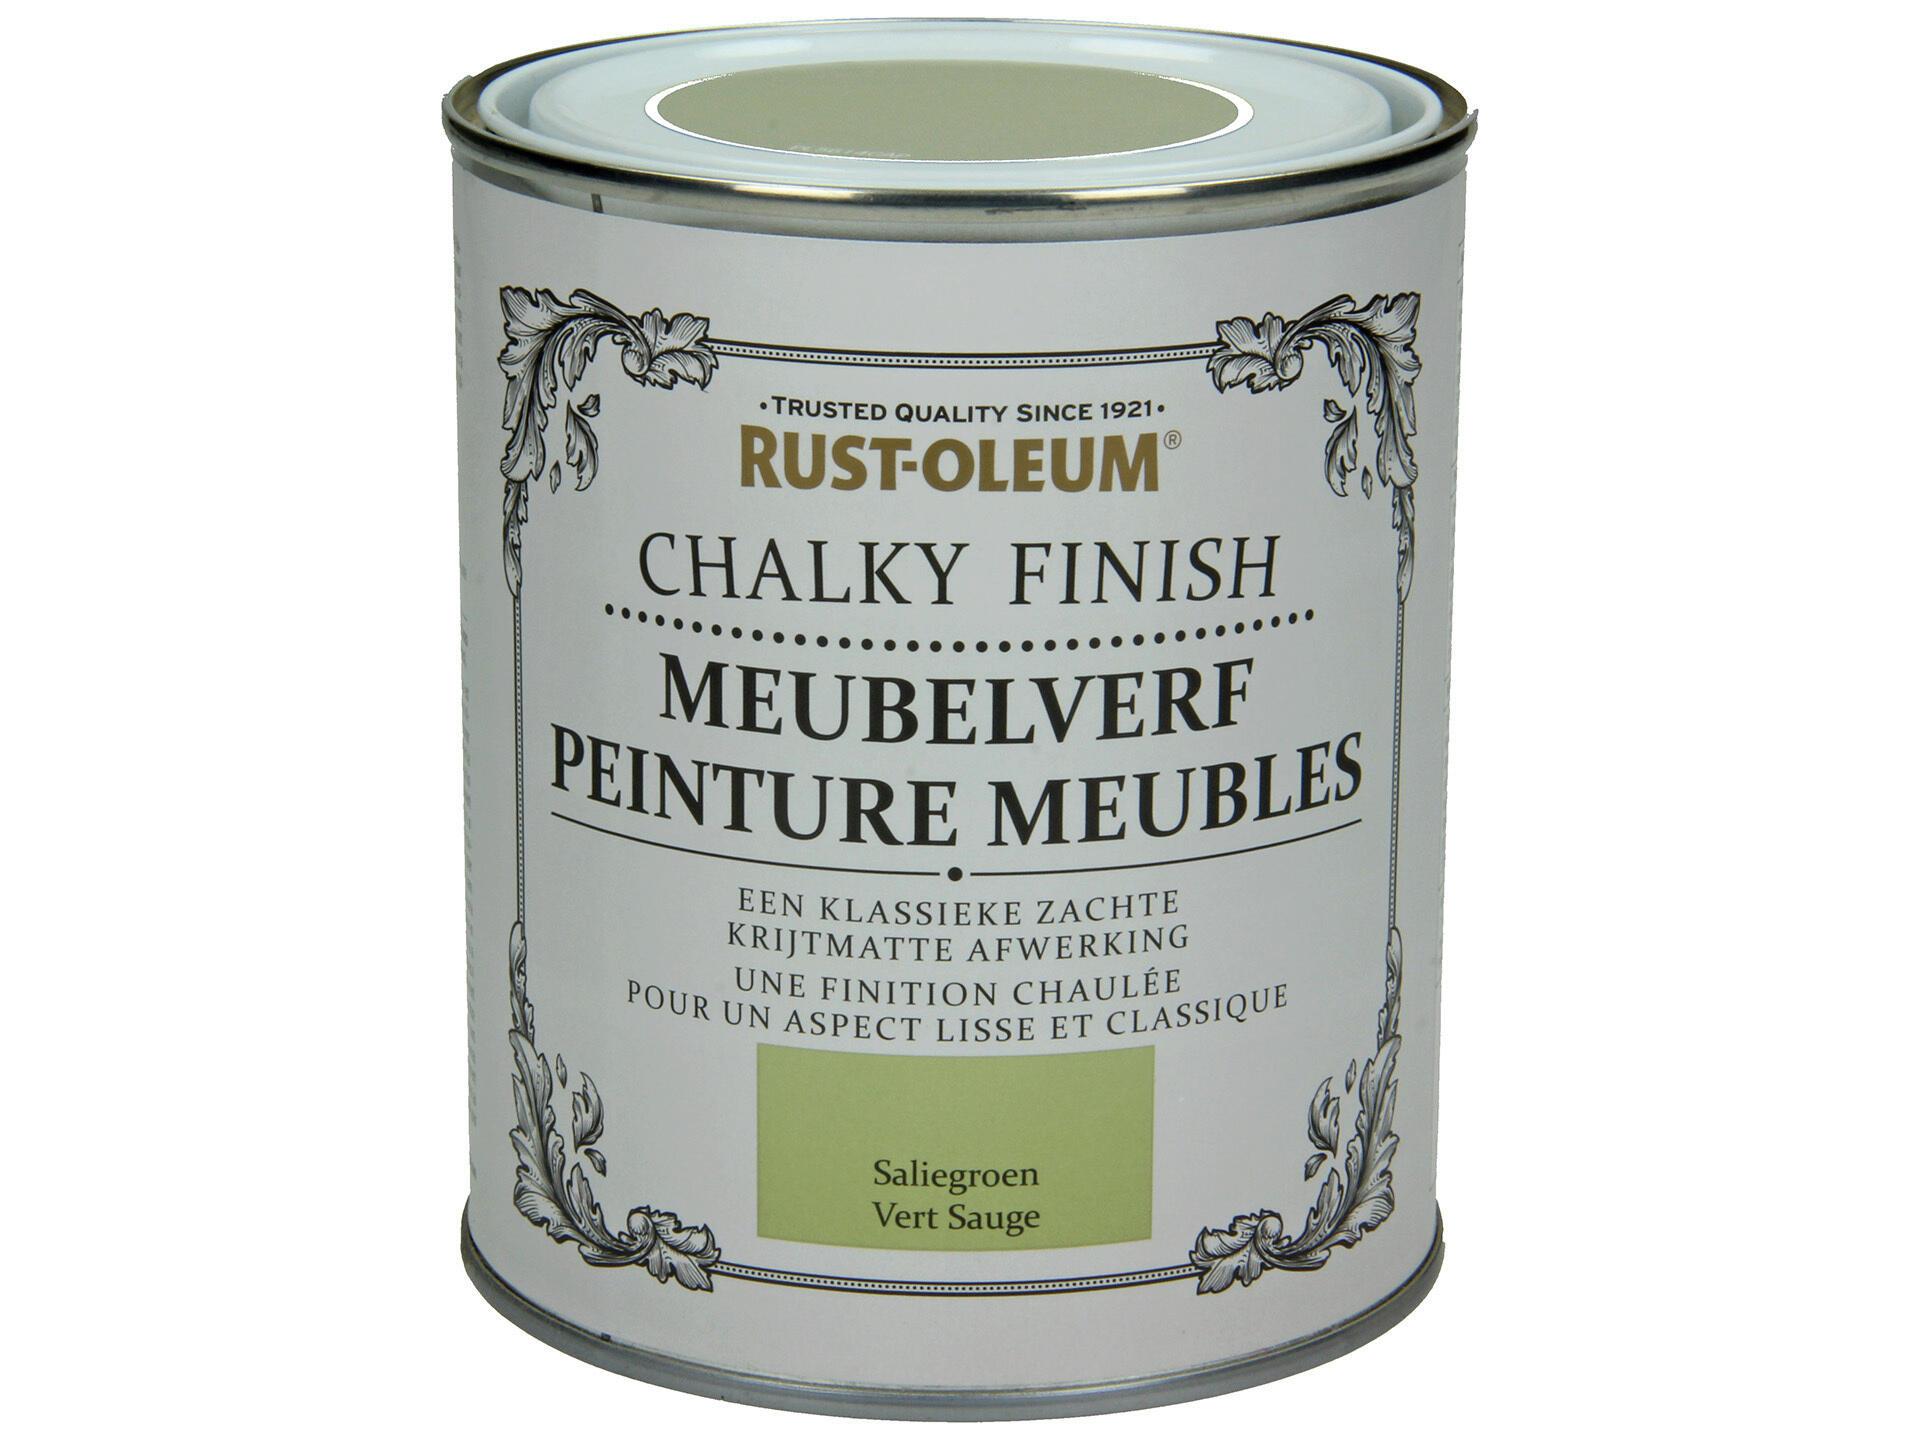 Code Couleur Vert Sauge rust-oleum peinture meubles 0,75l vert sauge